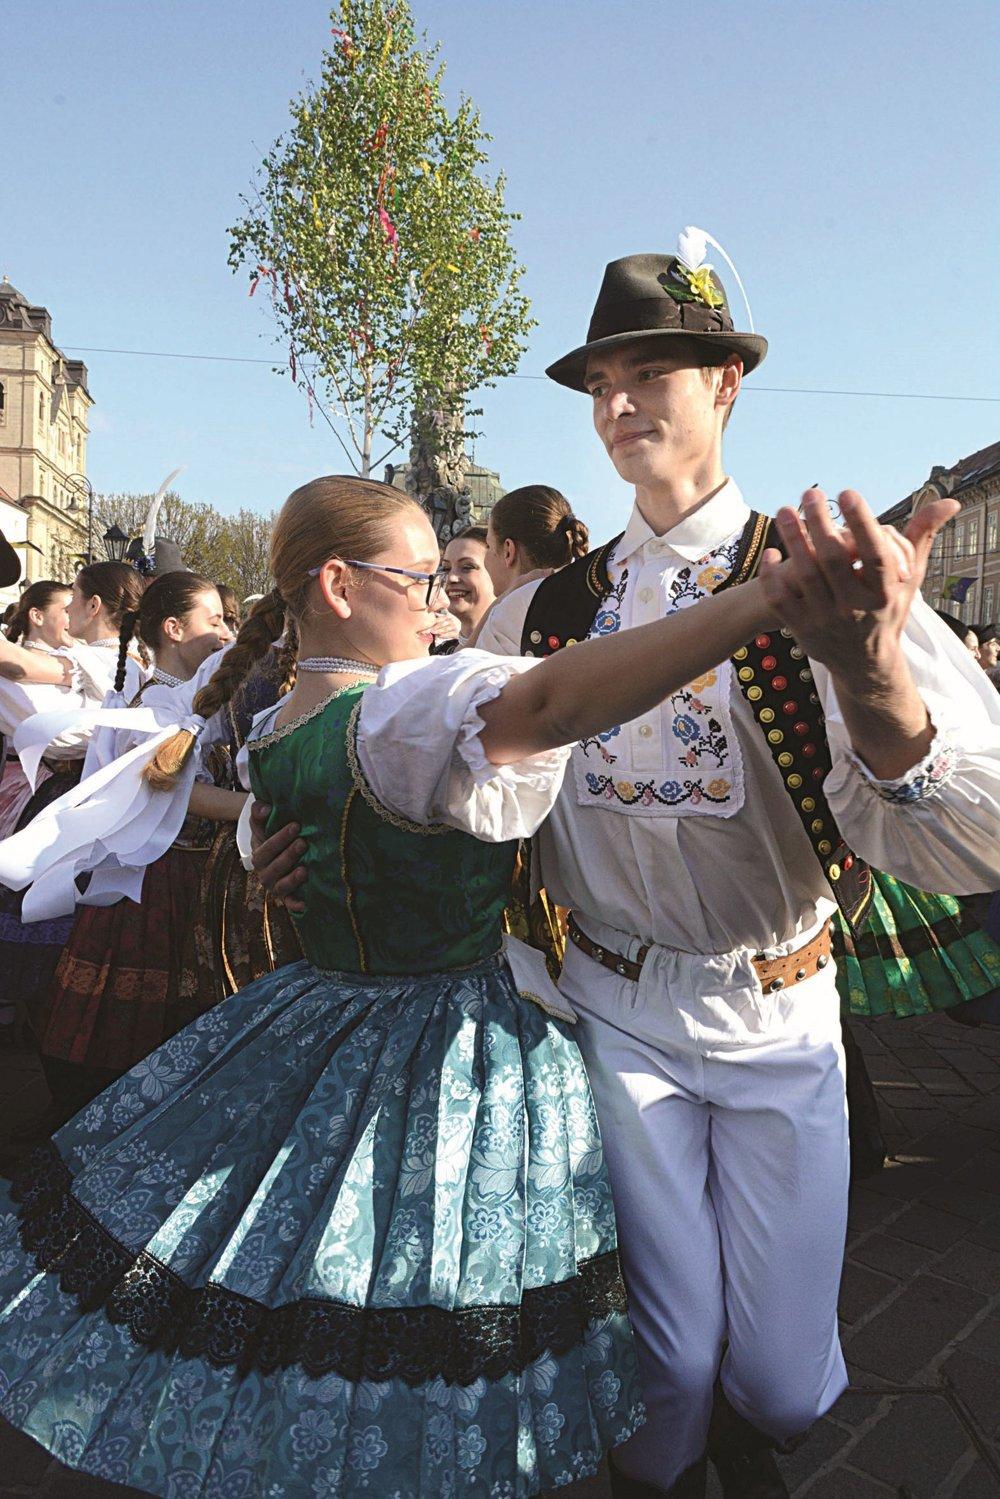 Stavanie mája. Obľúbenou tradíciou i so sprievodom mestom otvoril primátor Raši 23. ročník osláv Dňa Košíc. Stovky návštevníkov na Hlavnej potešili folkloristi veselým tancom a spevom.